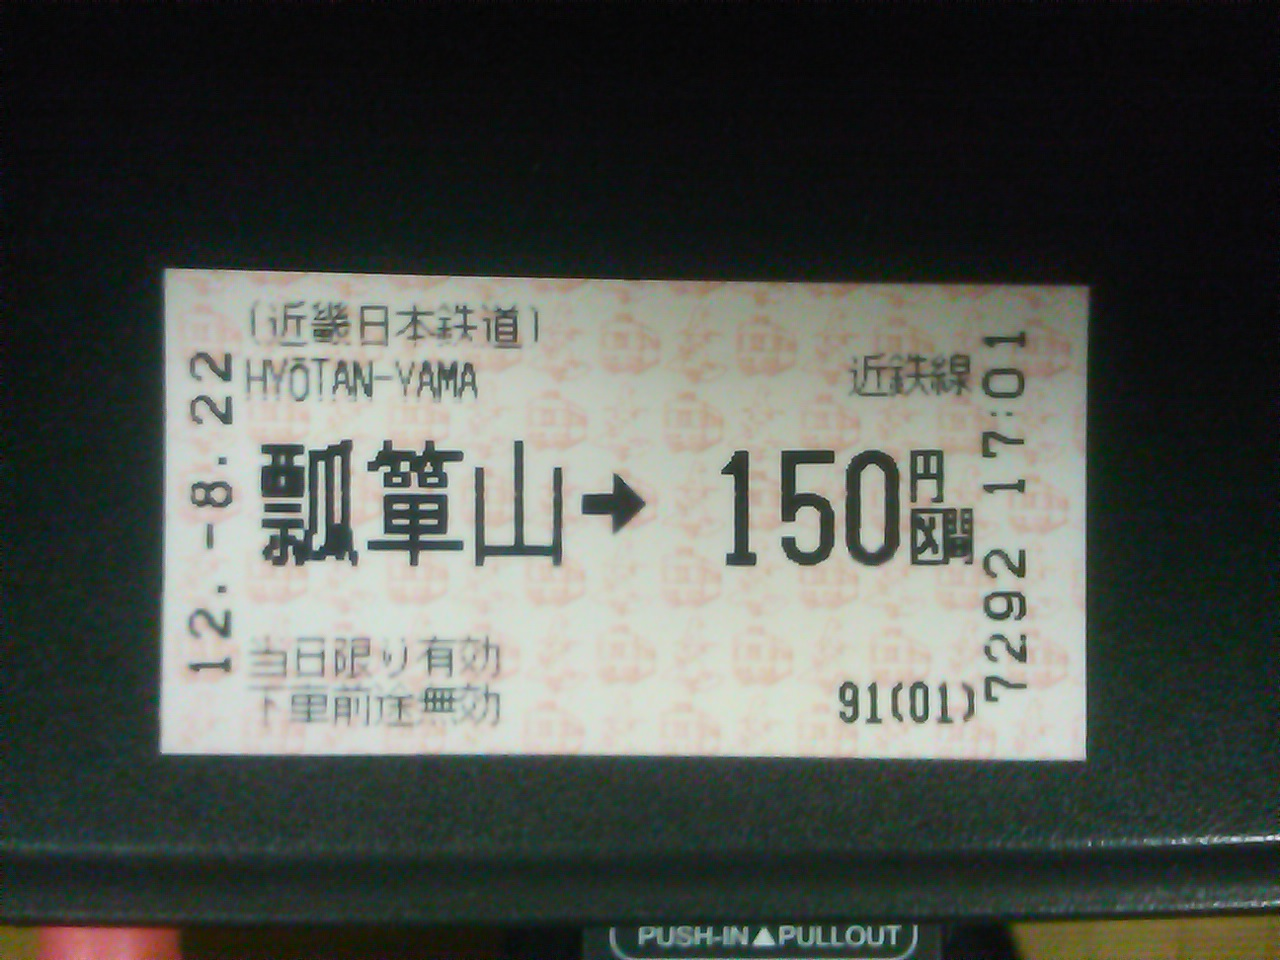 Sn3n0203